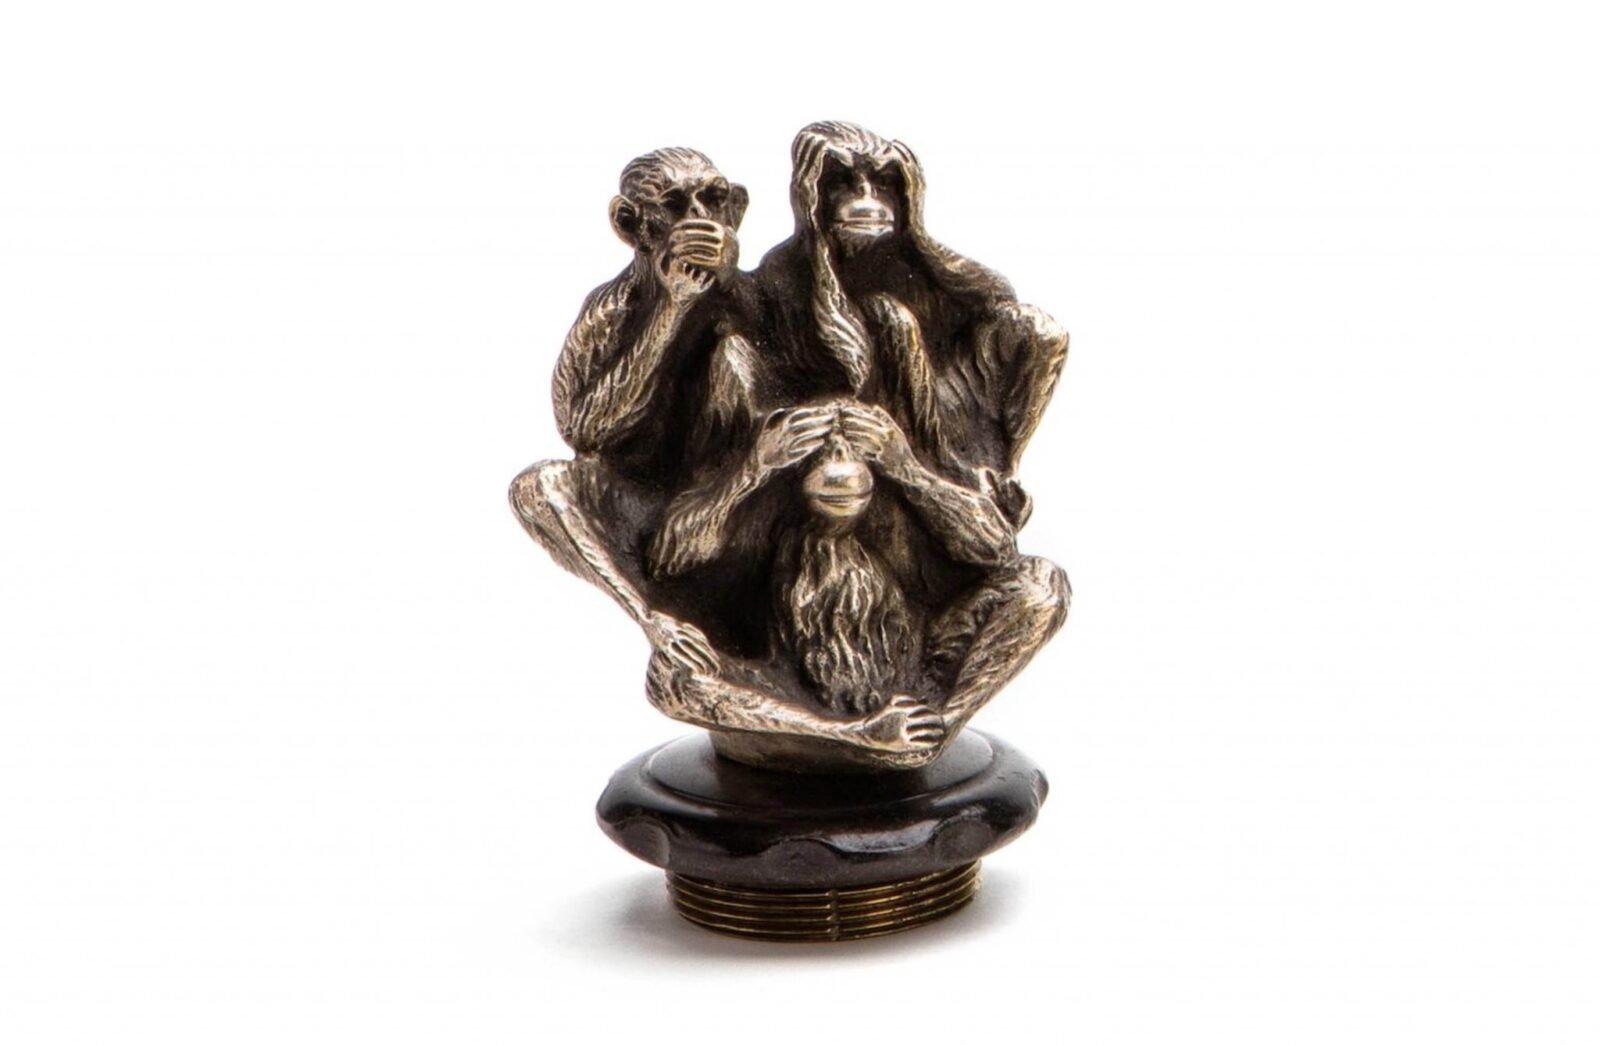 Three Wise Monkeys Radiator Mascot 1600x1045 - Three Wise Monkeys Radiator Mascot